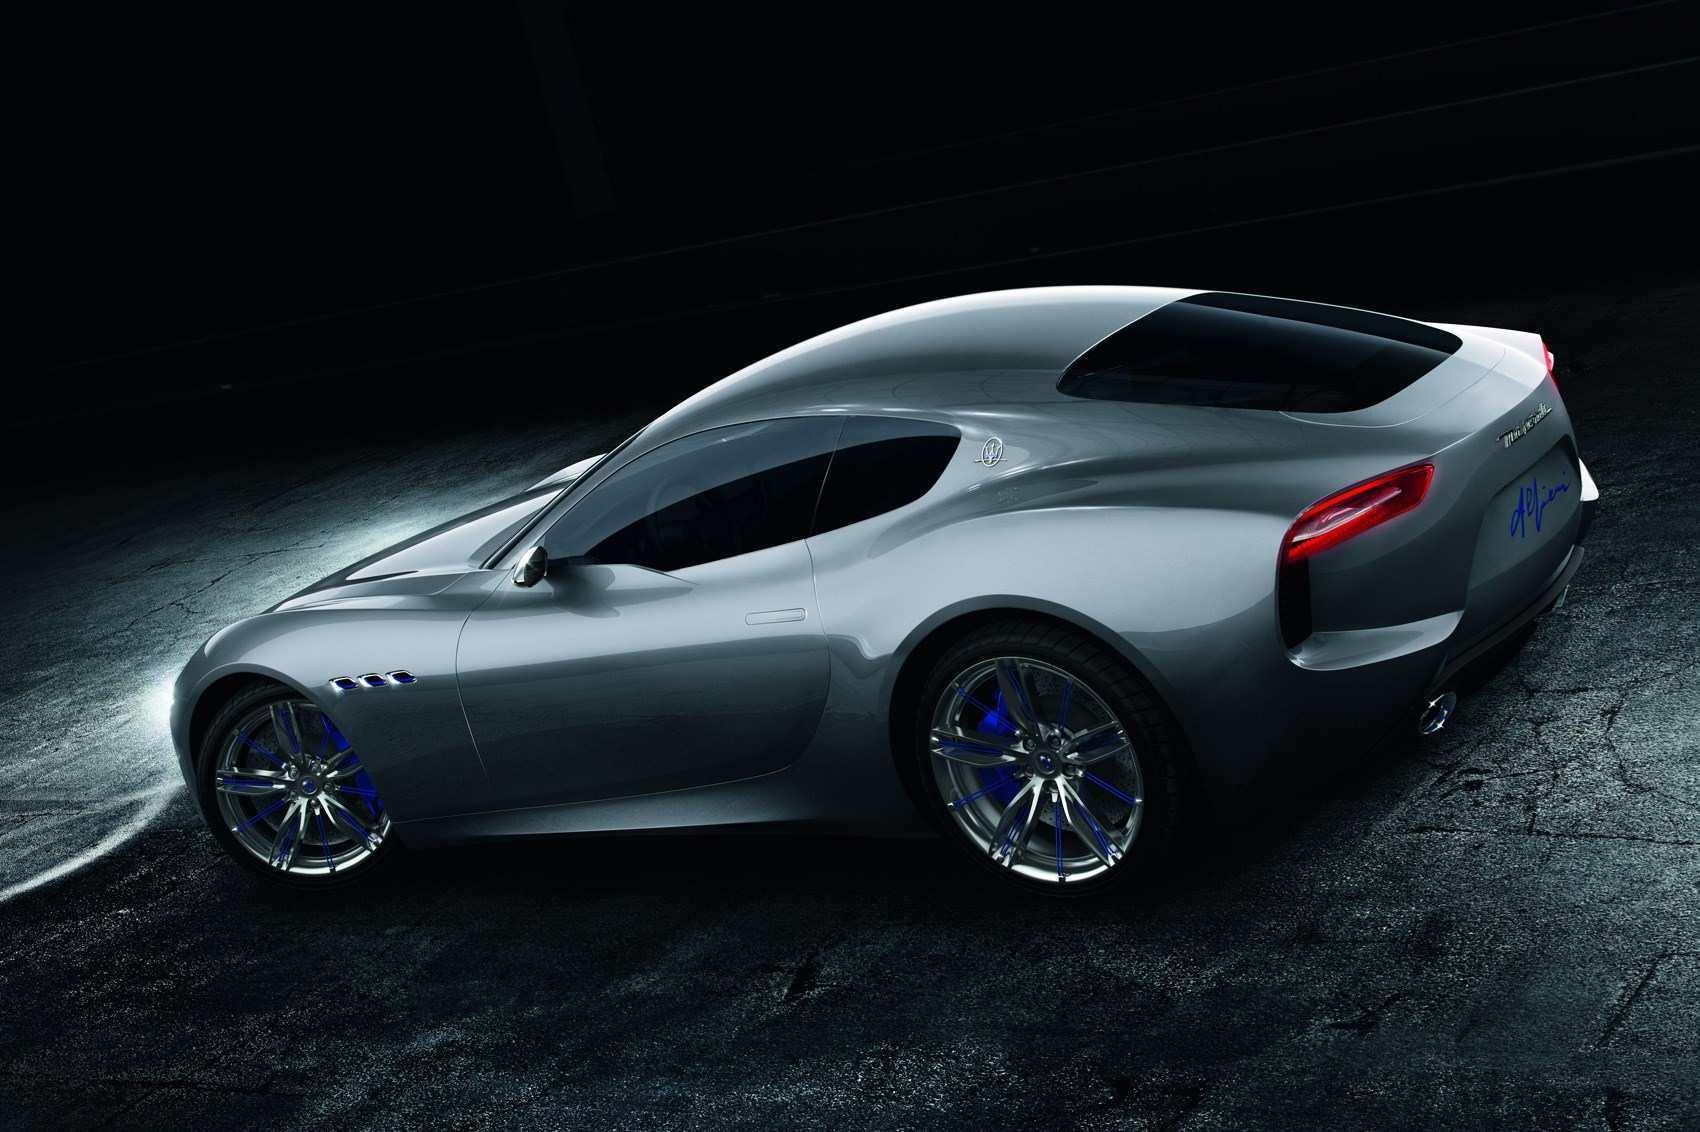 48 All New 2019 Maserati Alfieri Cabrio Speed Test for 2019 Maserati Alfieri Cabrio